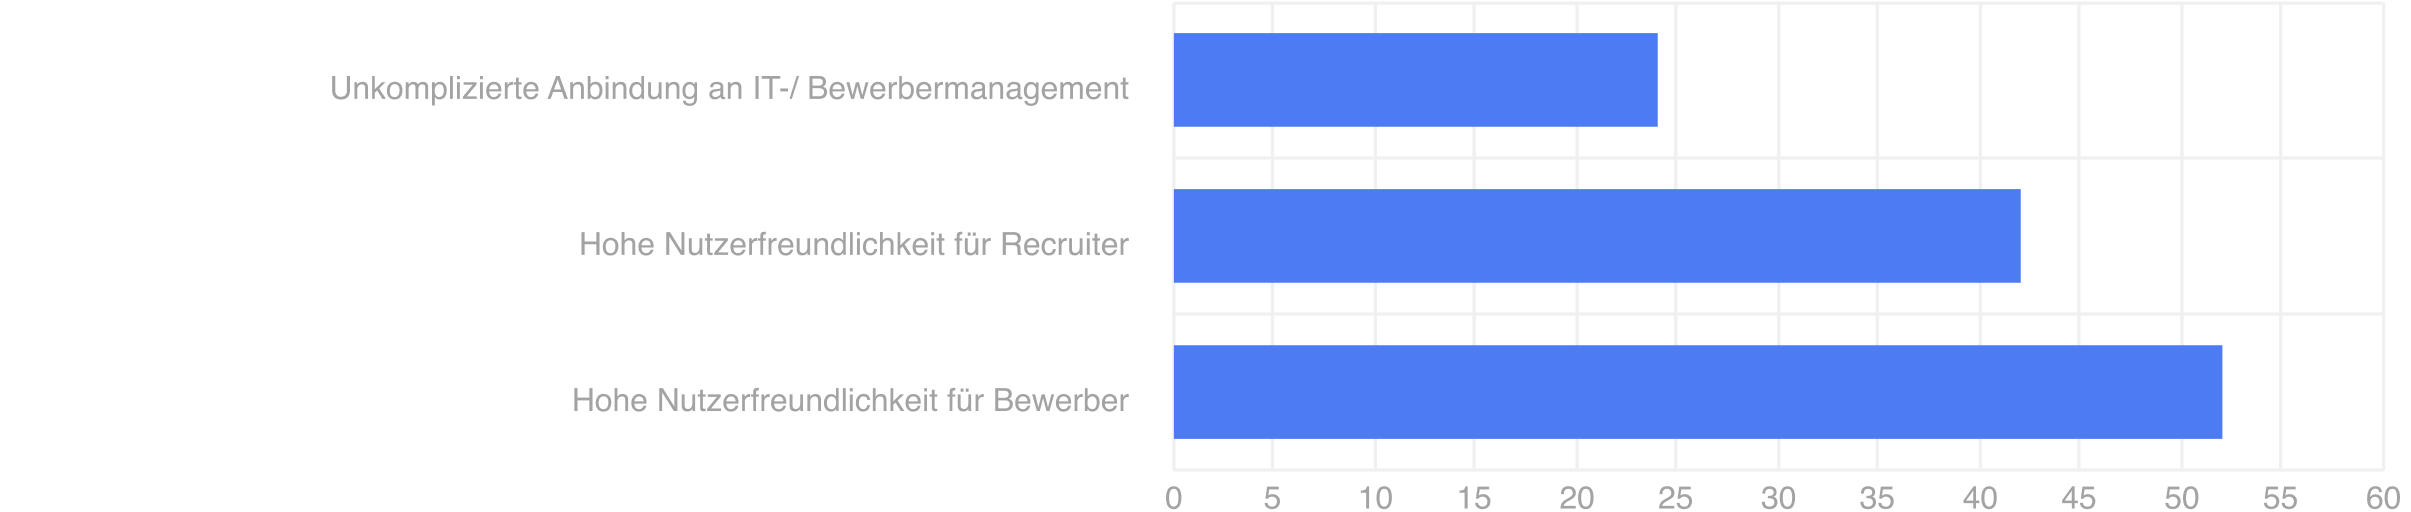 Abbildung 3. Die drei wichtigsten Gründe für Online-Auswahlverfahren.